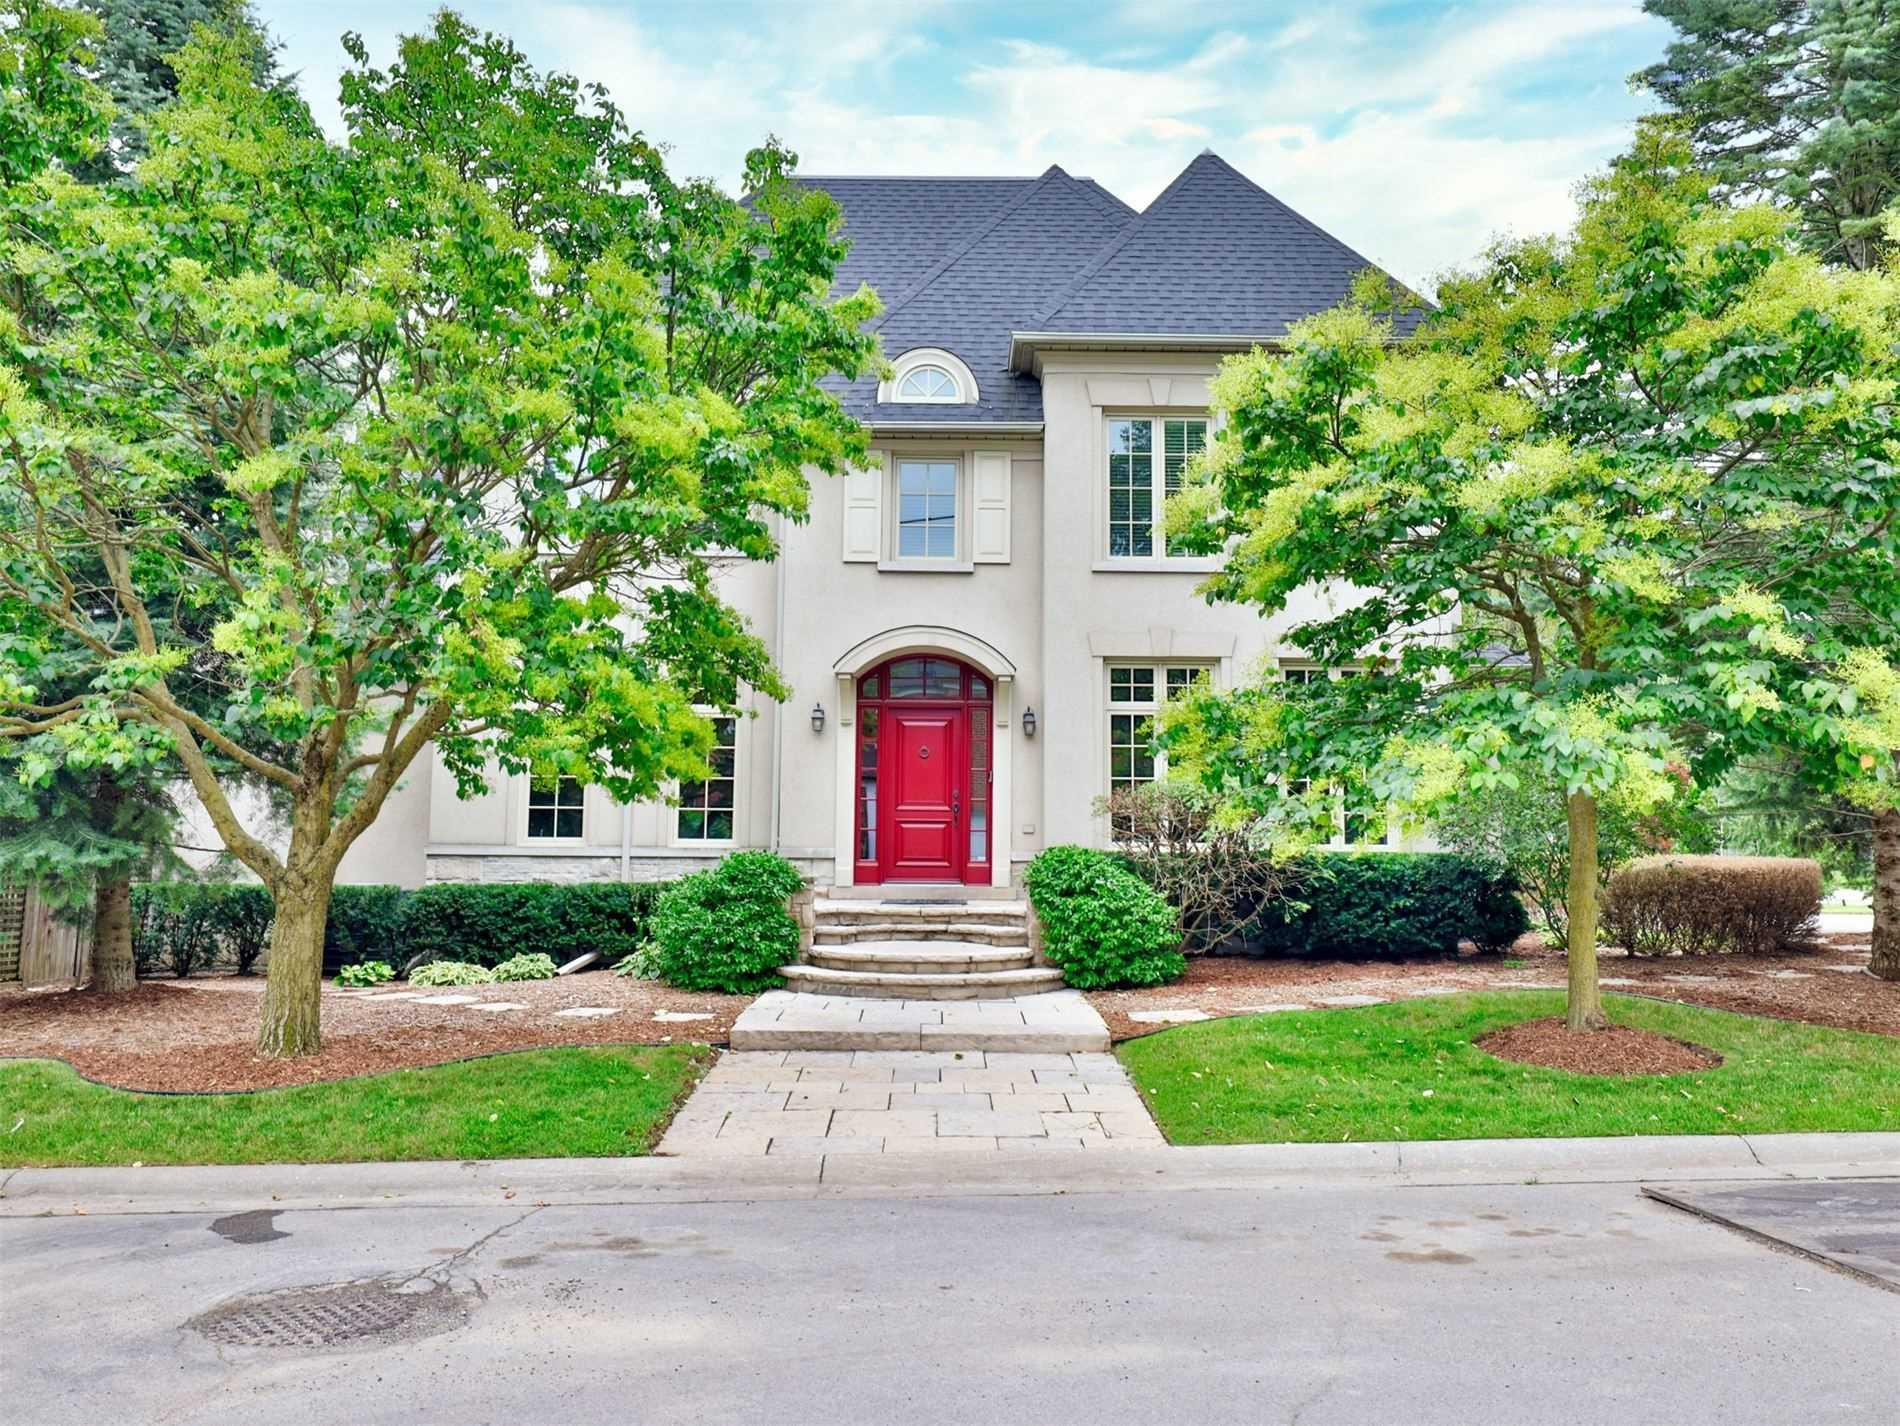 101 Yonge Blvd, Toronto, Ontario M5M3G8, 4 Bedrooms Bedrooms, 10 Rooms Rooms,5 BathroomsBathrooms,Detached,For Sale,Yonge,C5355045